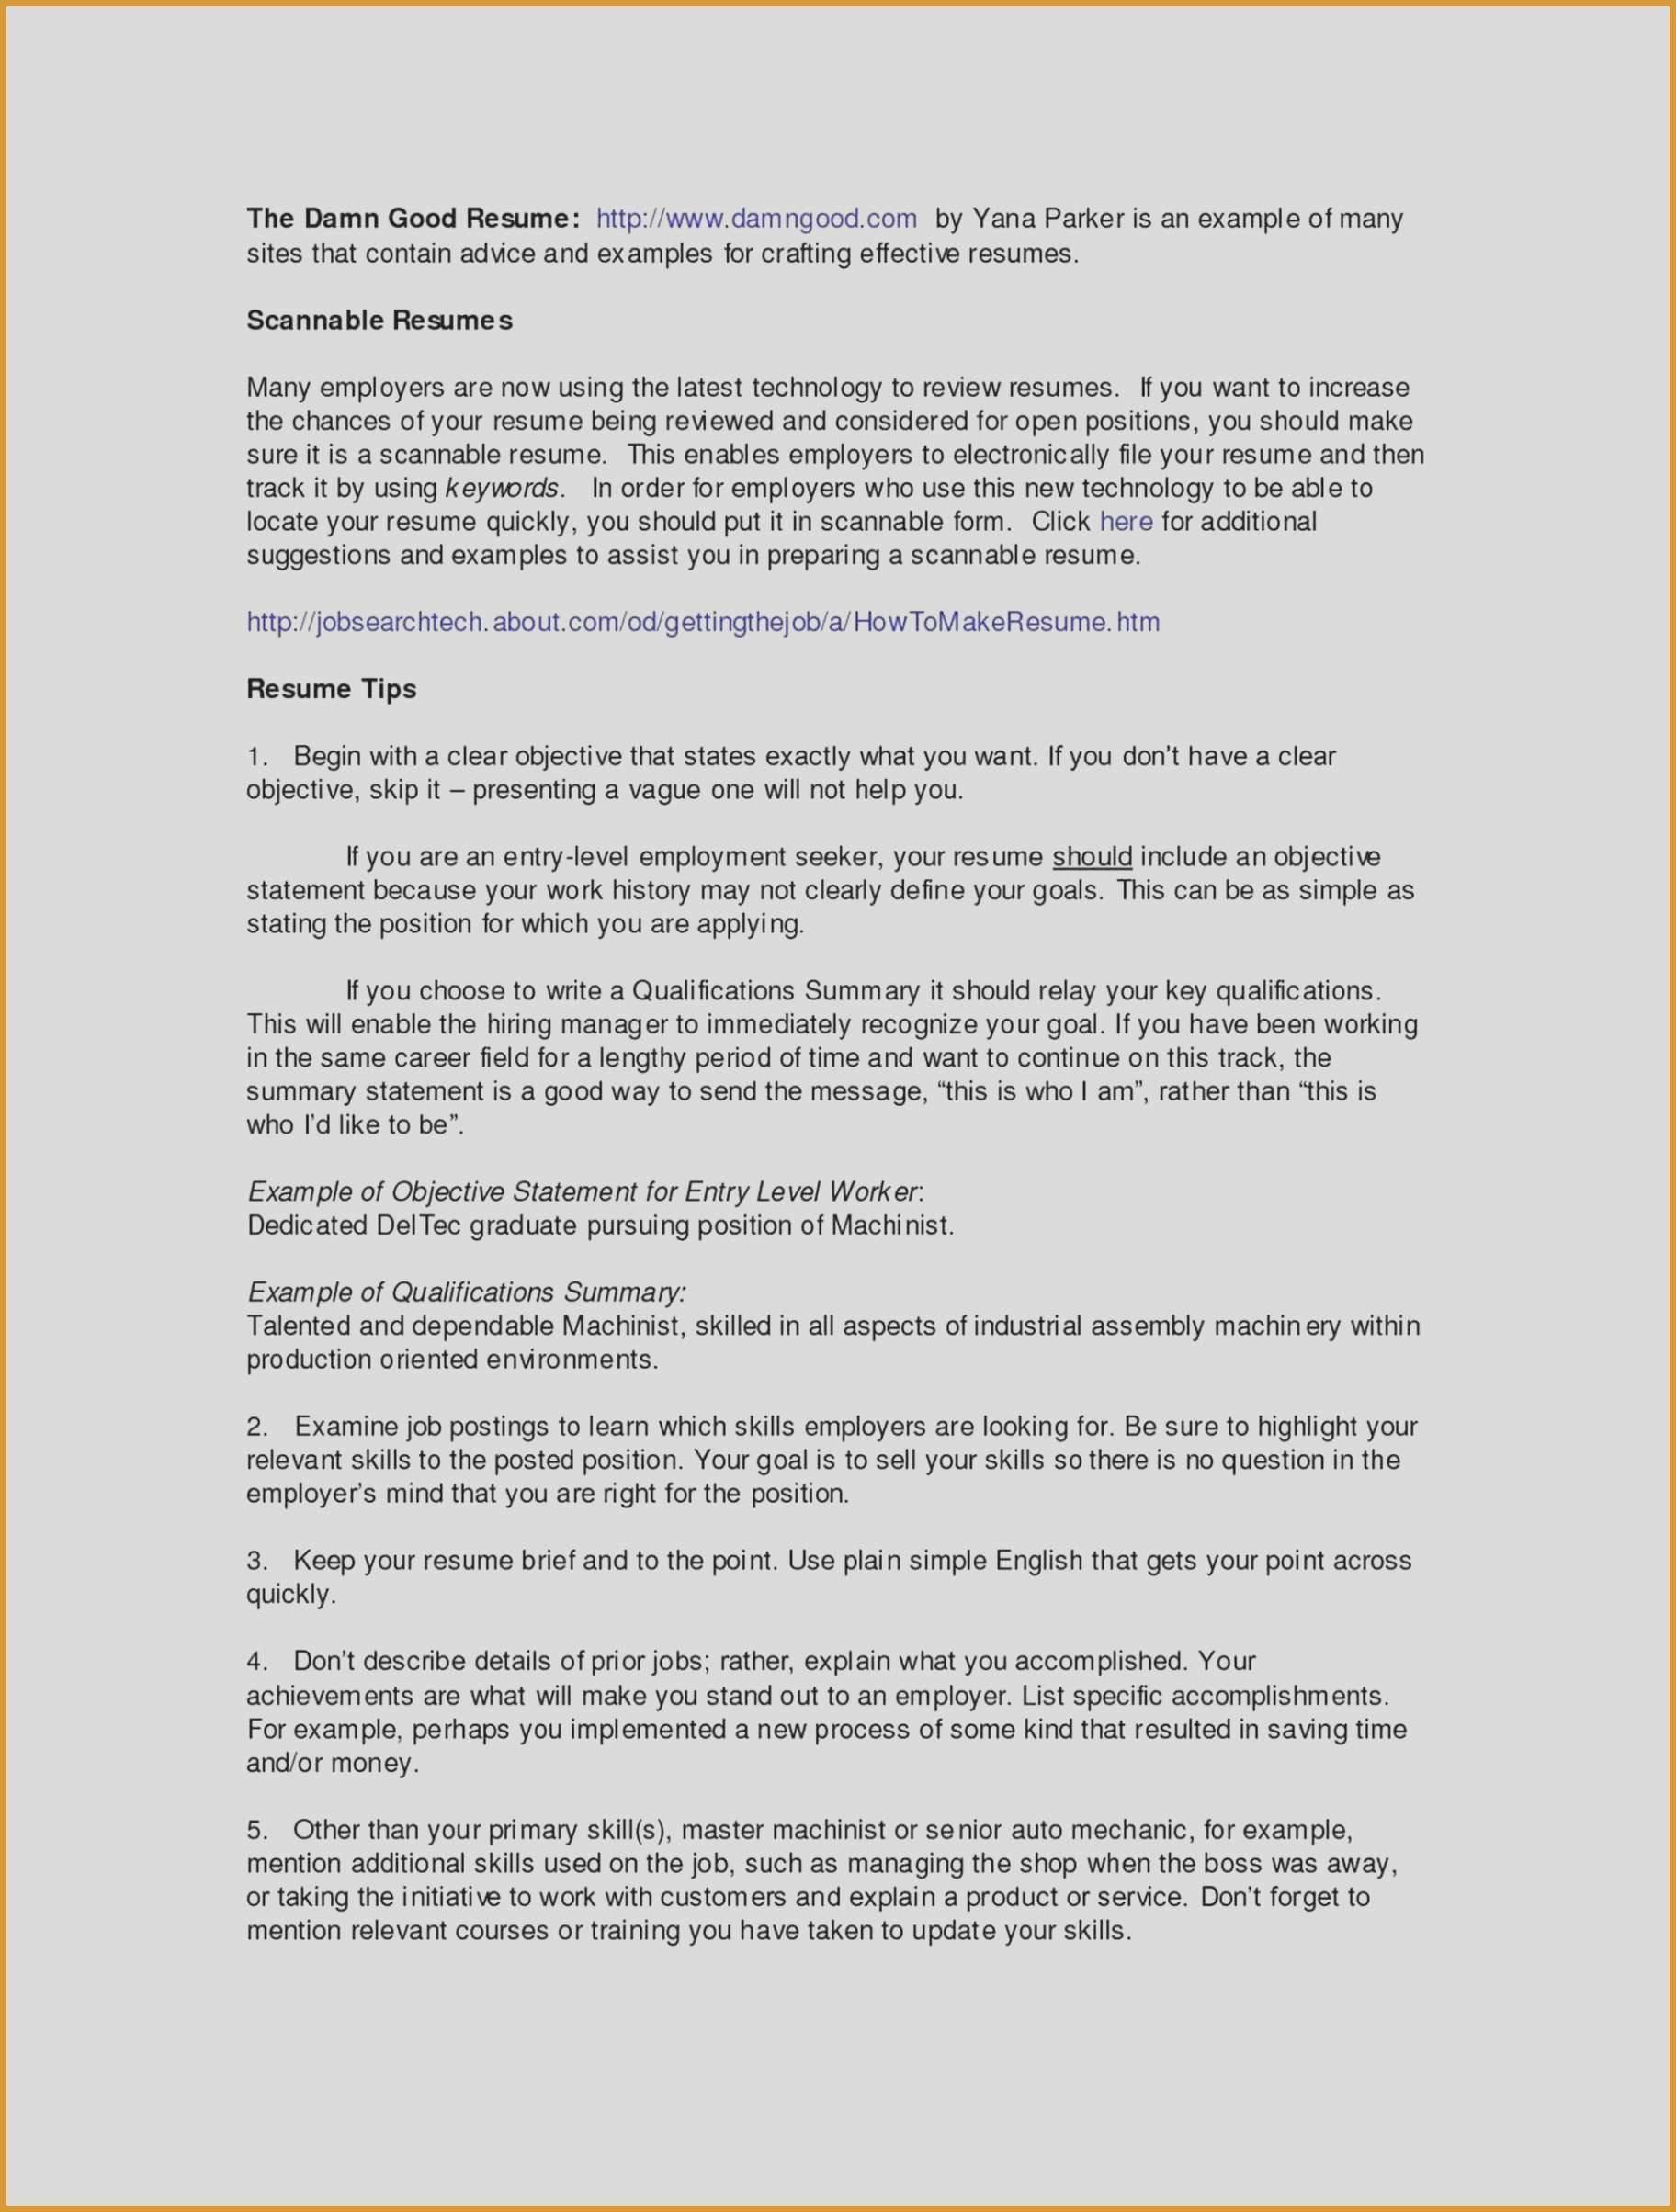 Resume Objective Statement Administrative Assistant Resume Objective Entry Level Job Resume Samples Examples Entry Level Job Resume Of Administrative Assistant Resume Objective resume objective statement wikiresume.com